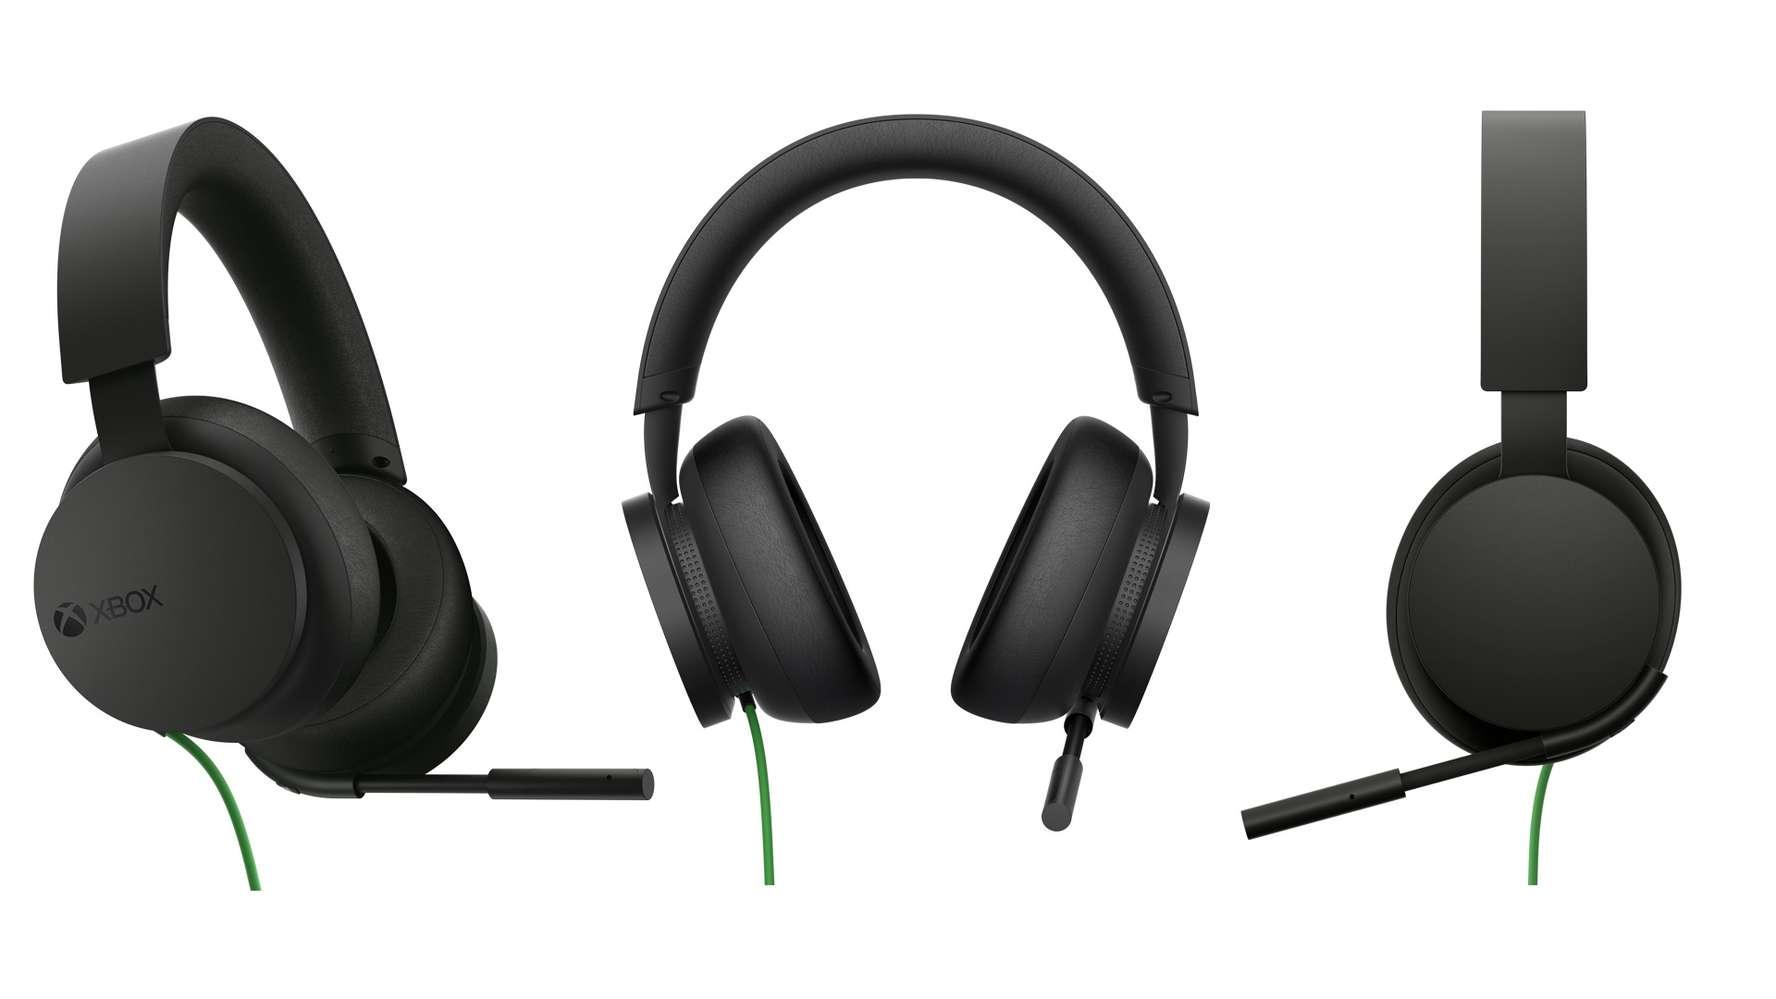 Microsoft nos presenta los nuevos auriculares estéreo de Xbox - Microsoft sigue ampliando su línea de productos diseñados en exclusiva para Xbox, en esta ocasión nos presentan unos nuevos auriculares algo más económicos que los inalámbricos.